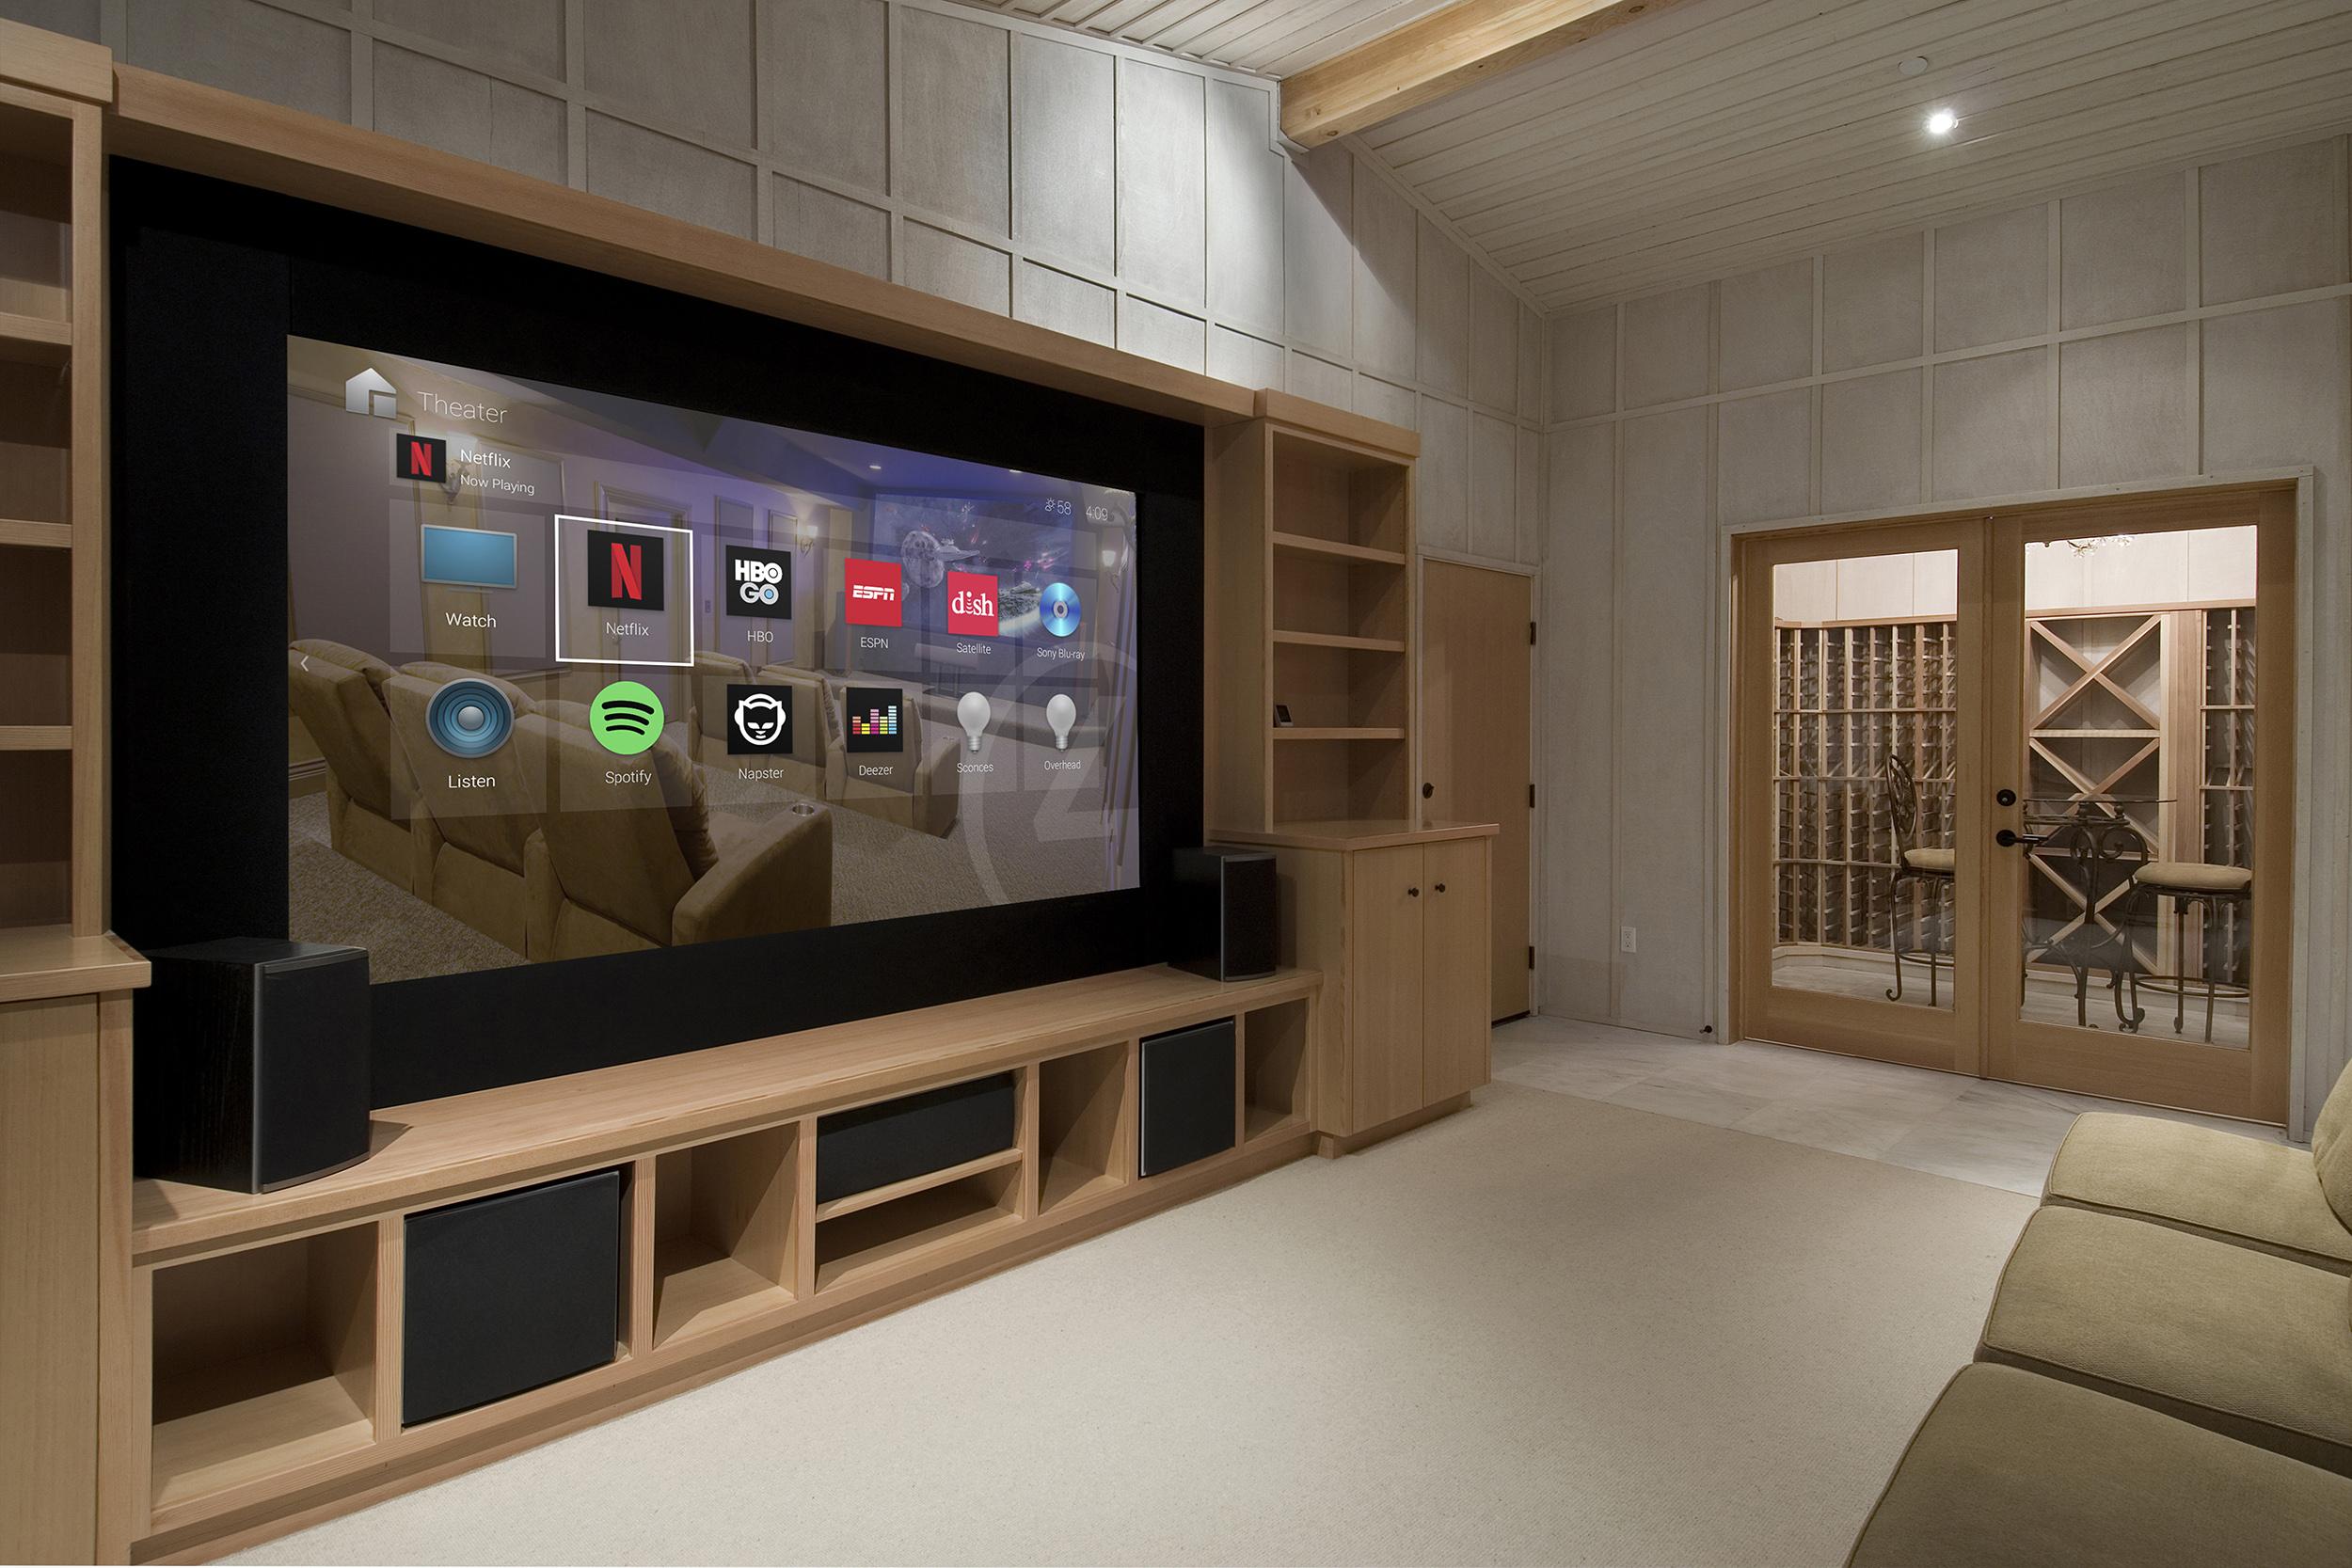 Streamovacie služby kdekoľvek vo Vašej domácnosti sú v Control4 samozrejmosťou